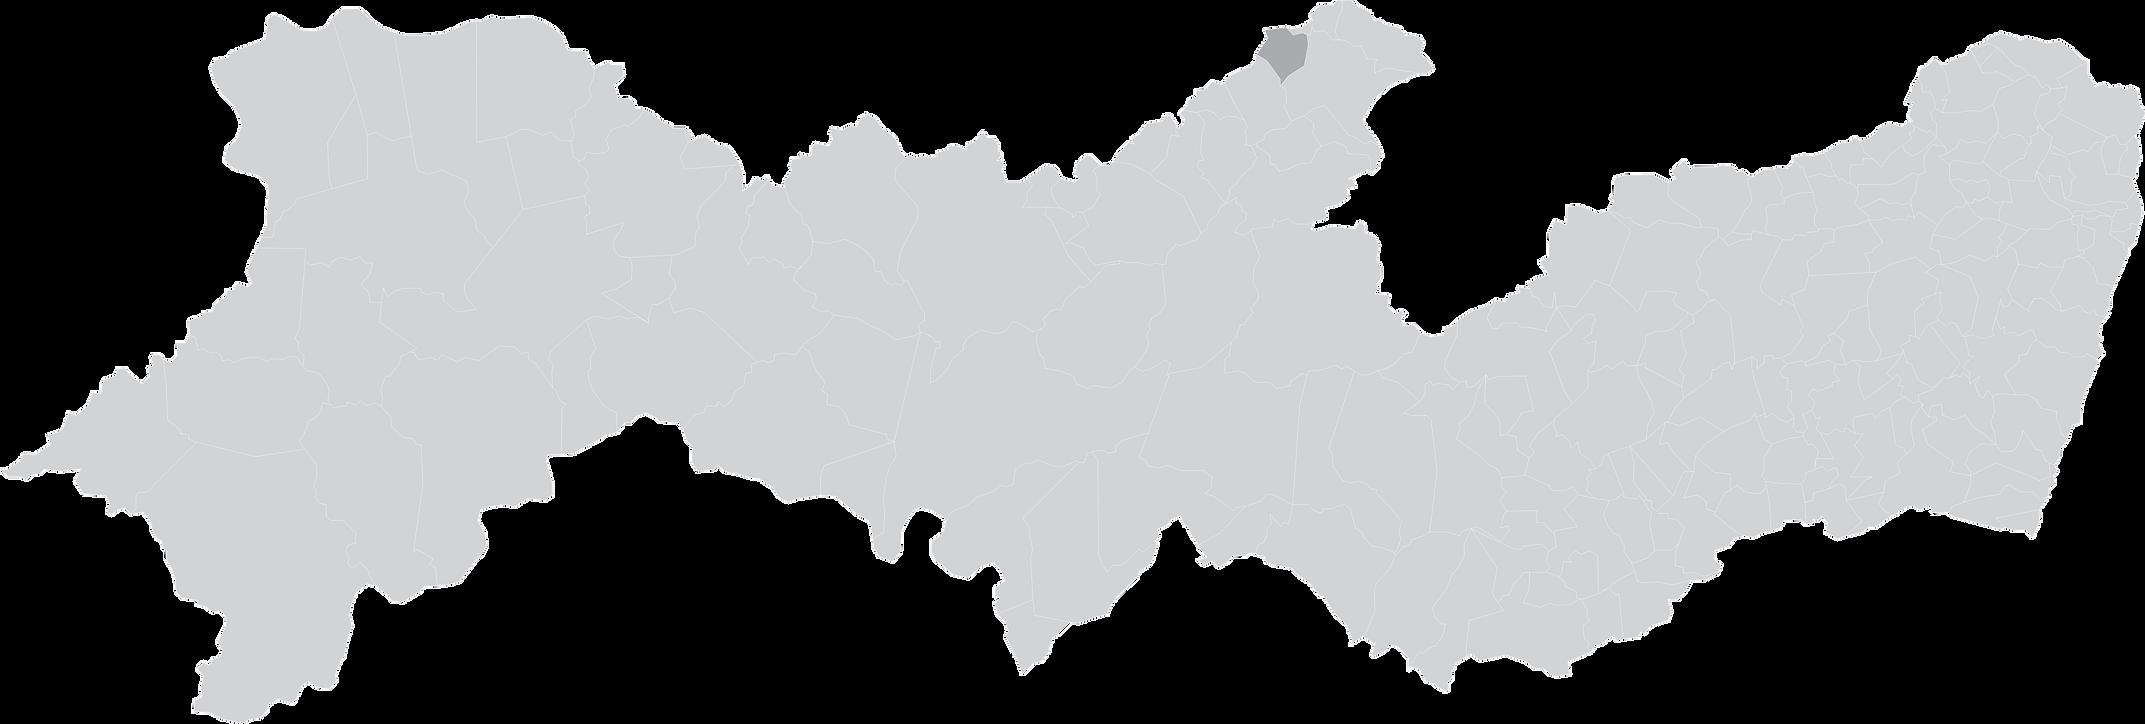 Mapa pernambuco - Santa Terezinha.png